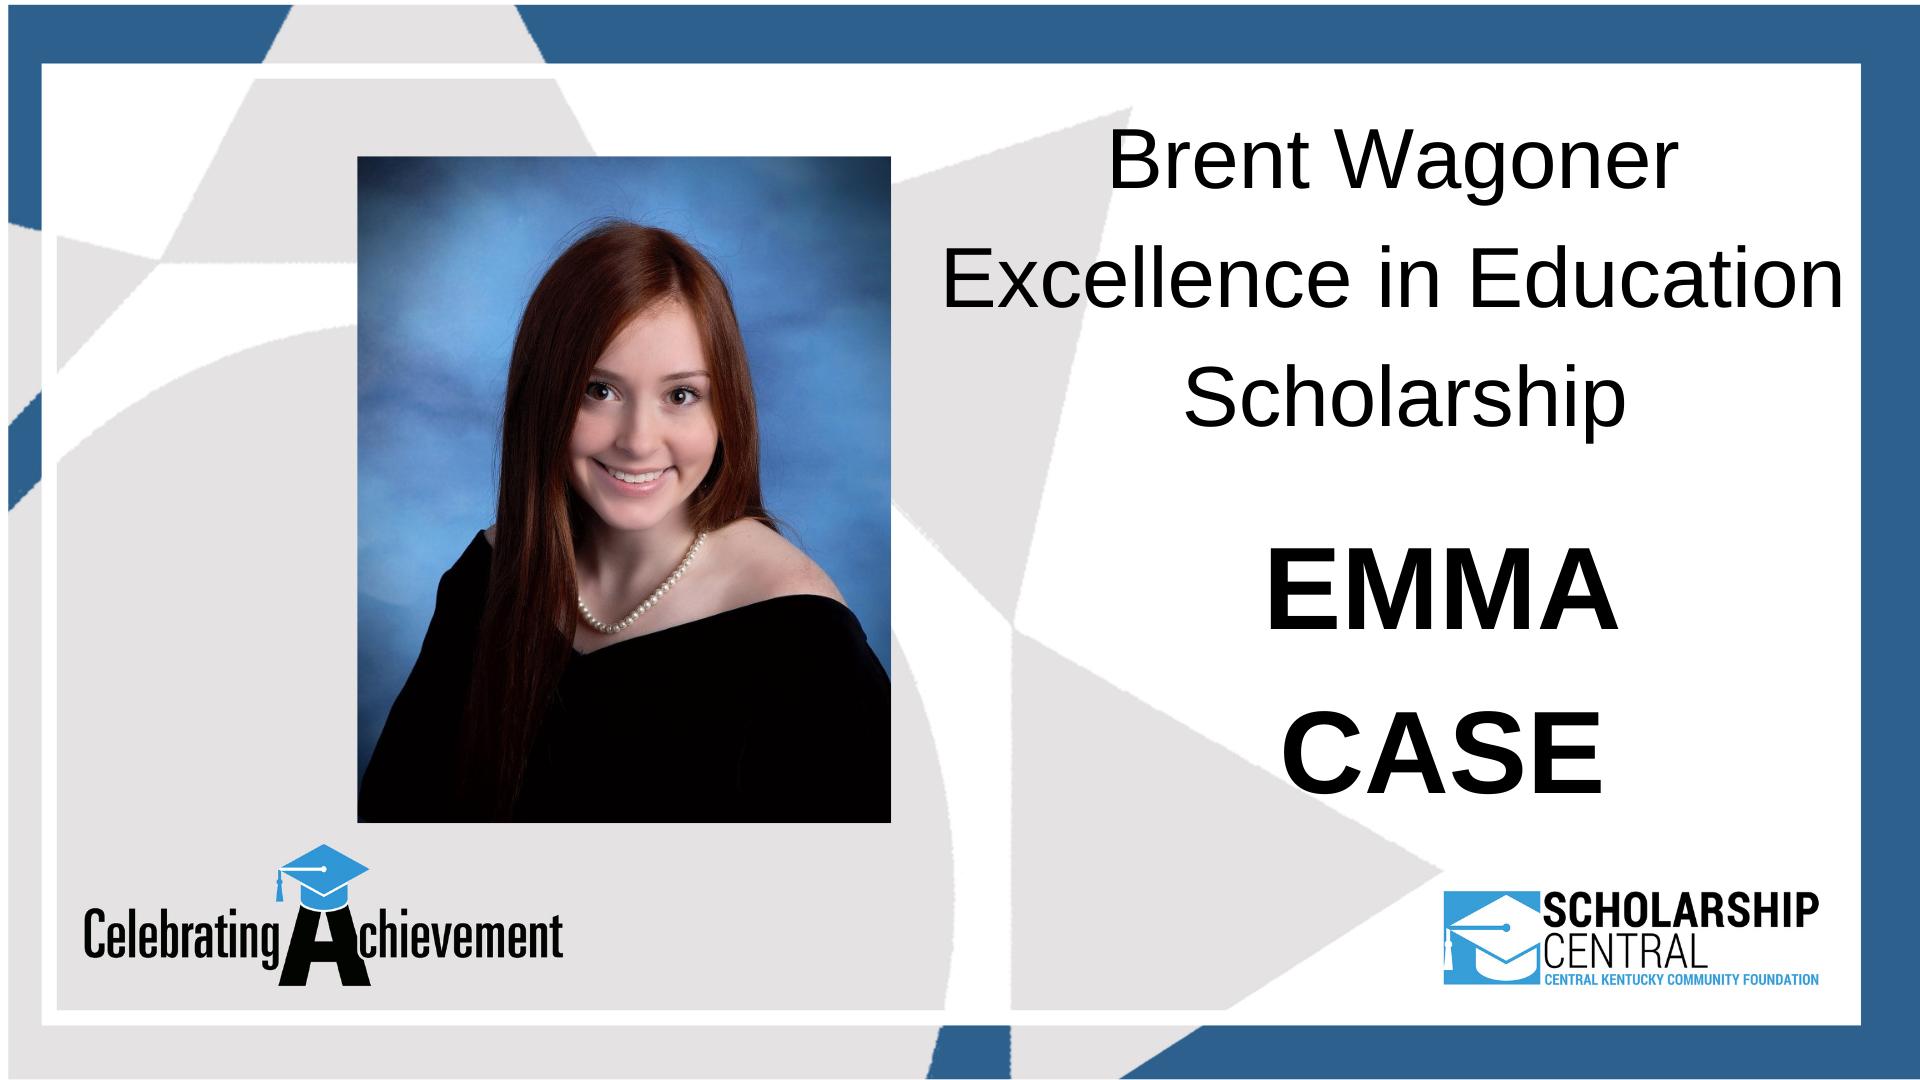 Brent Wagoner Excellence Scholarship Winner